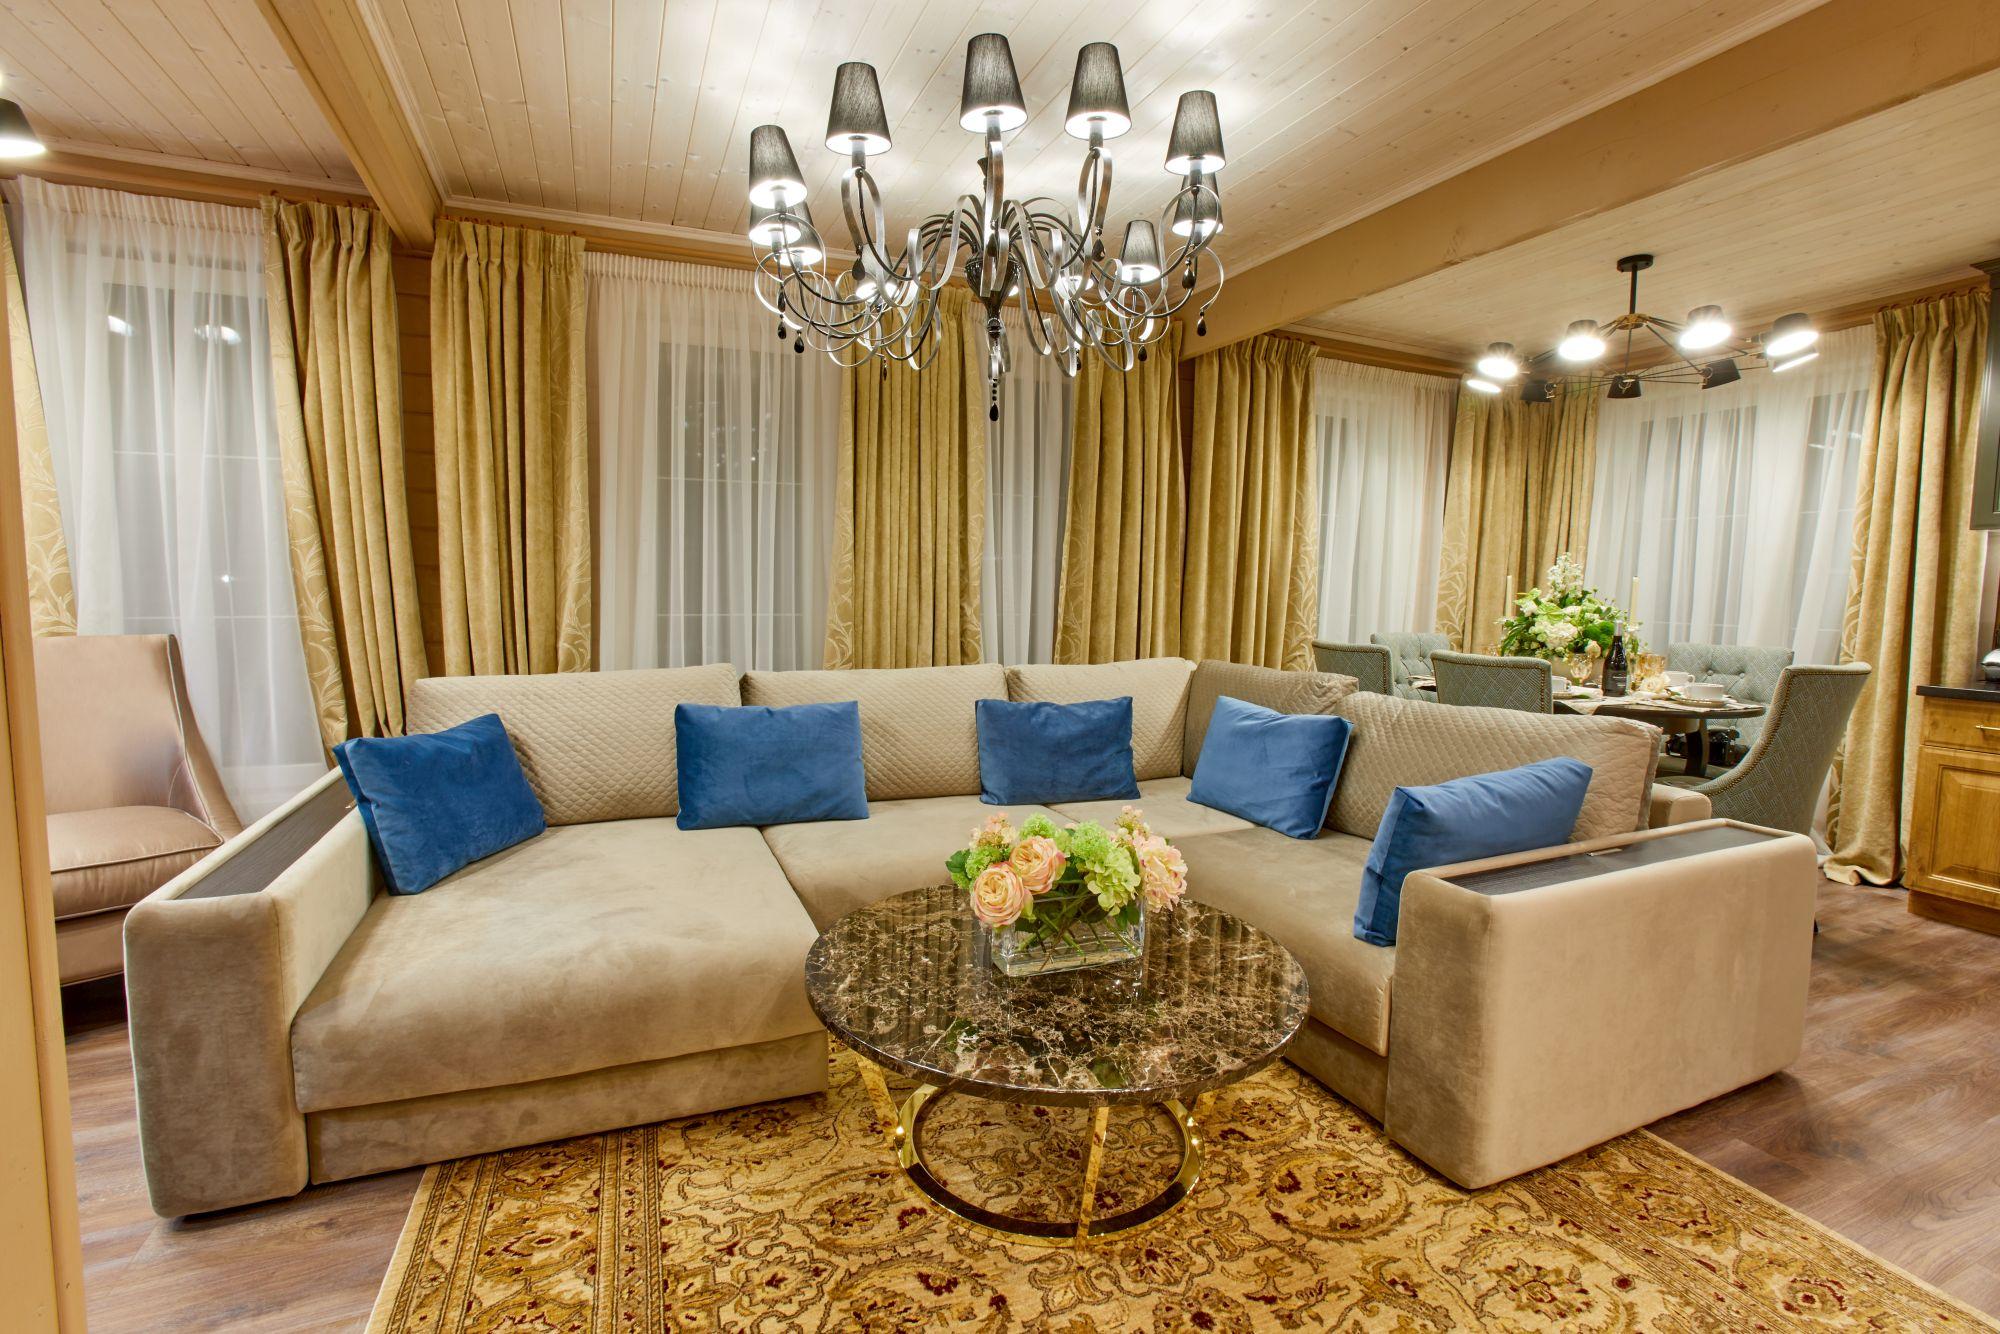 Уютно и комфортно: Знаменитая сваха Роза Сябитова показала дом, в котором она живет